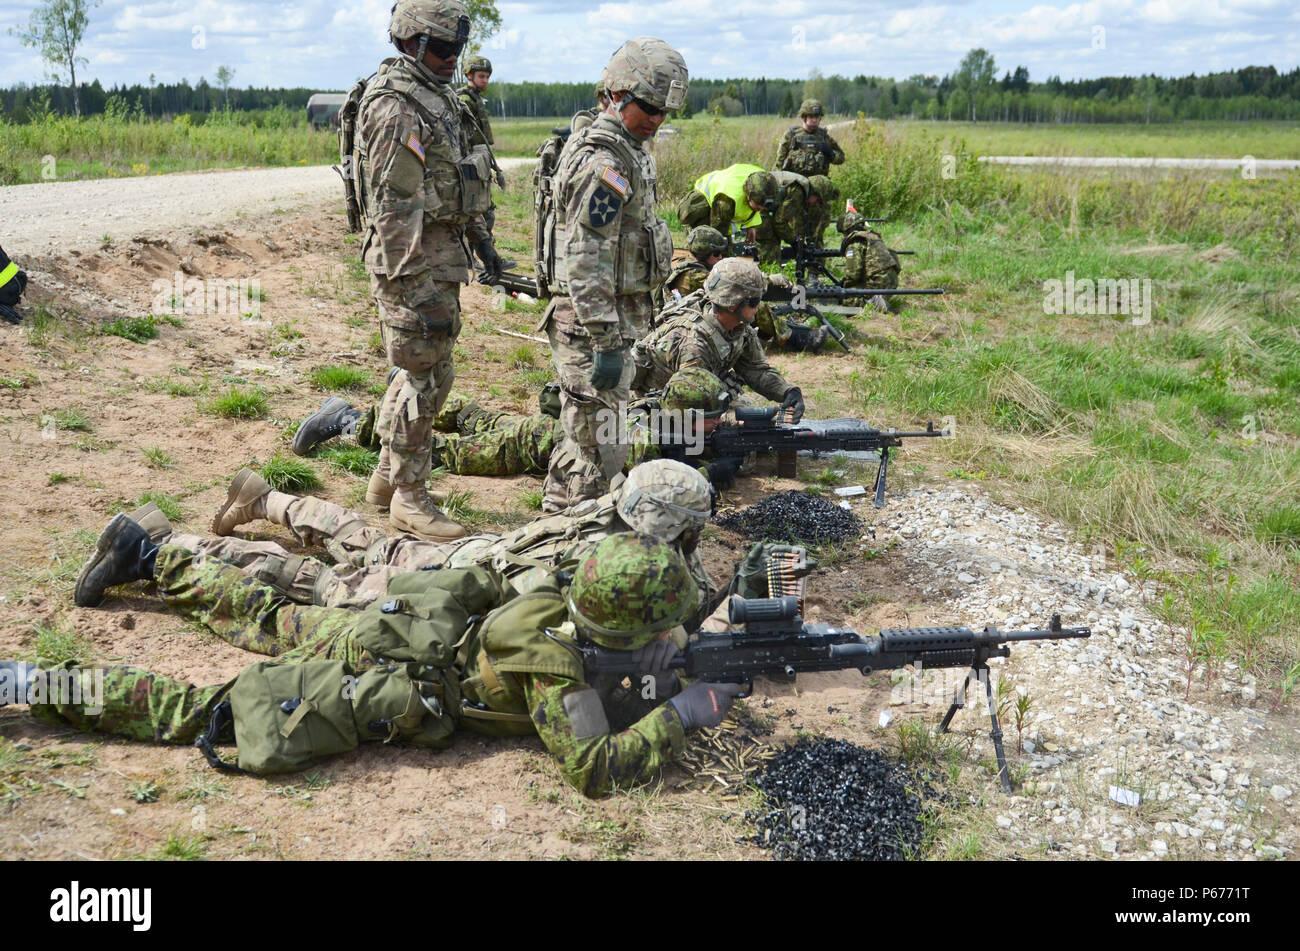 Les soldats de l'armée estonienne estonien de la Brigade des forces terrestres et des soldats de l'Armée américaine à partir de l'Escadron d'artillerie, 2e régiment de cavalerie, stationnés hors de Vilseck, Allemagne, tir à tour de rôle sur leurs systèmes d'armes au cours d'un exercice de tir réel interarmes au secteur d'entraînement de la tapa, l'Estonie, le 19 mai 2016. (U.S. Photo de l'armée par le sergent. Steven M. Colvin/libérés) Banque D'Images